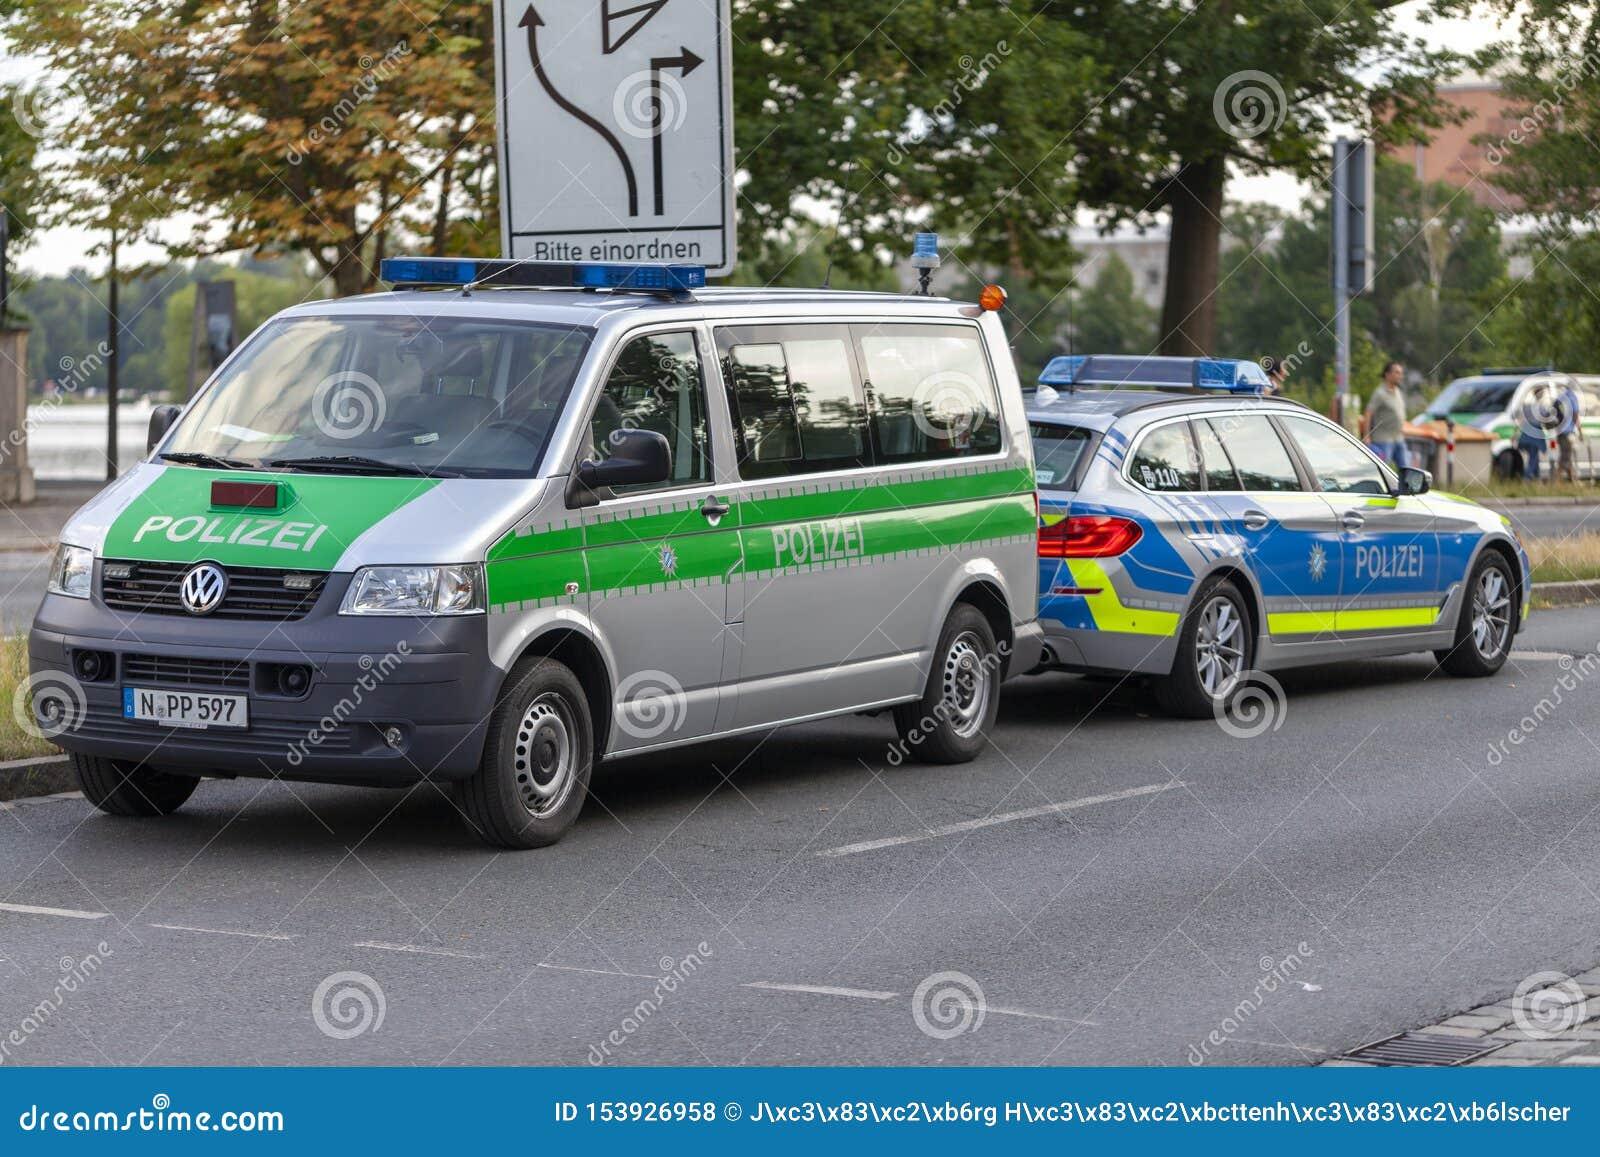 Περιπολικό της Αστυνομίας από τις γερμανικές στάσεις αστυνομίας σε μια οδό